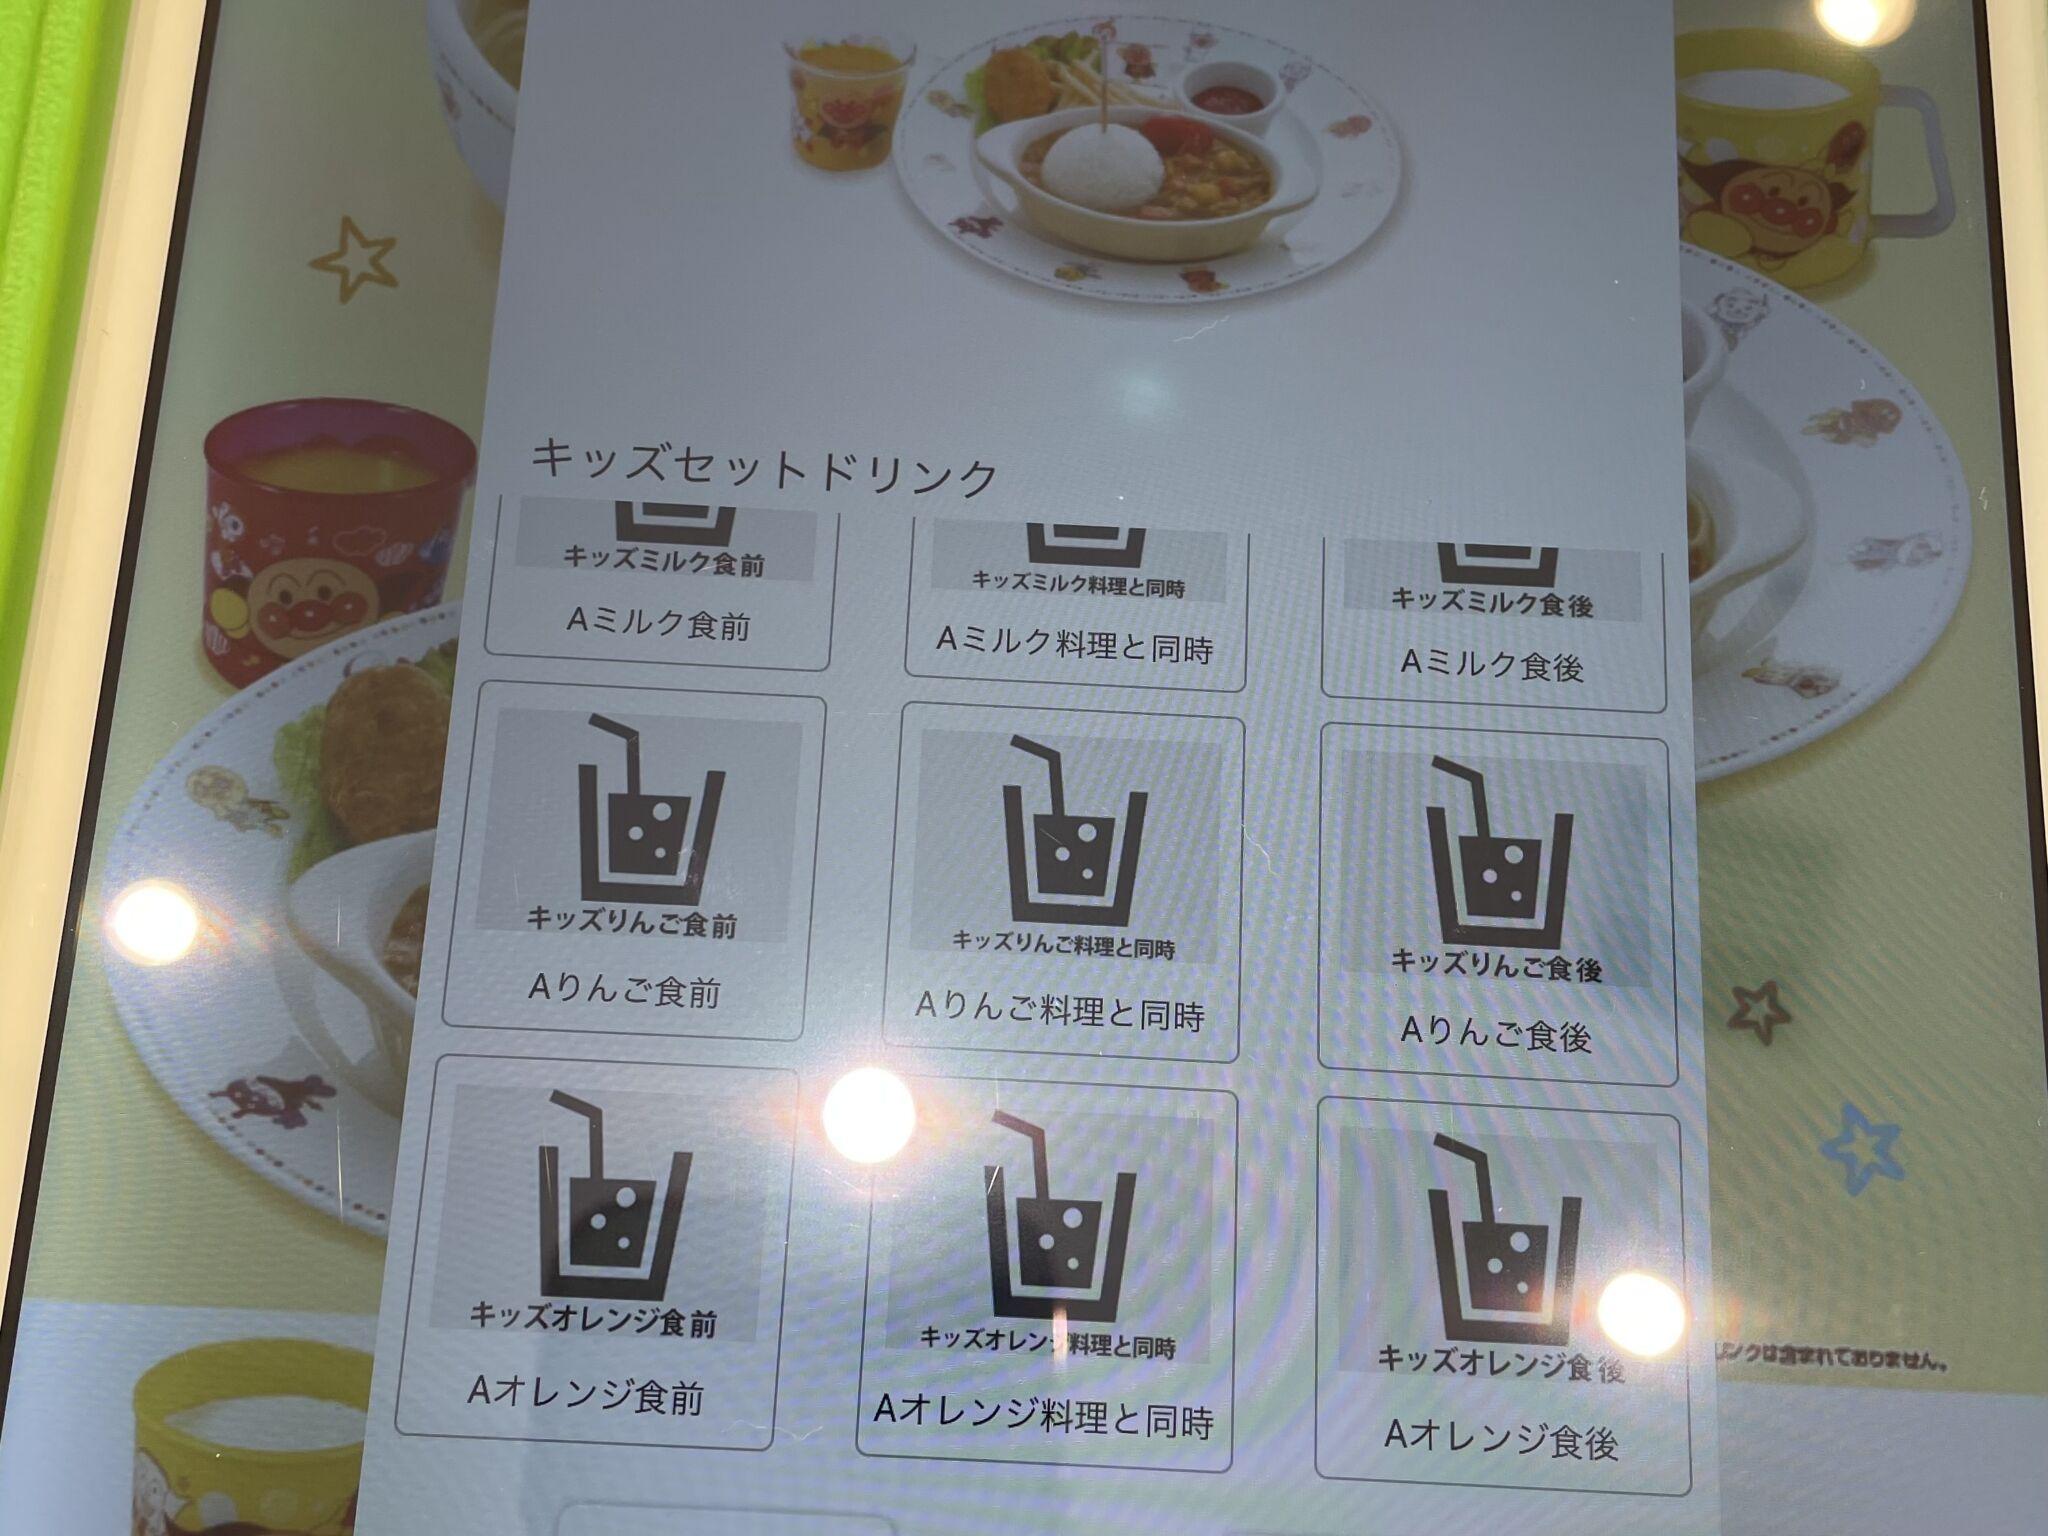 横浜アンパンマンこどもミュージアム - COIQマガジン